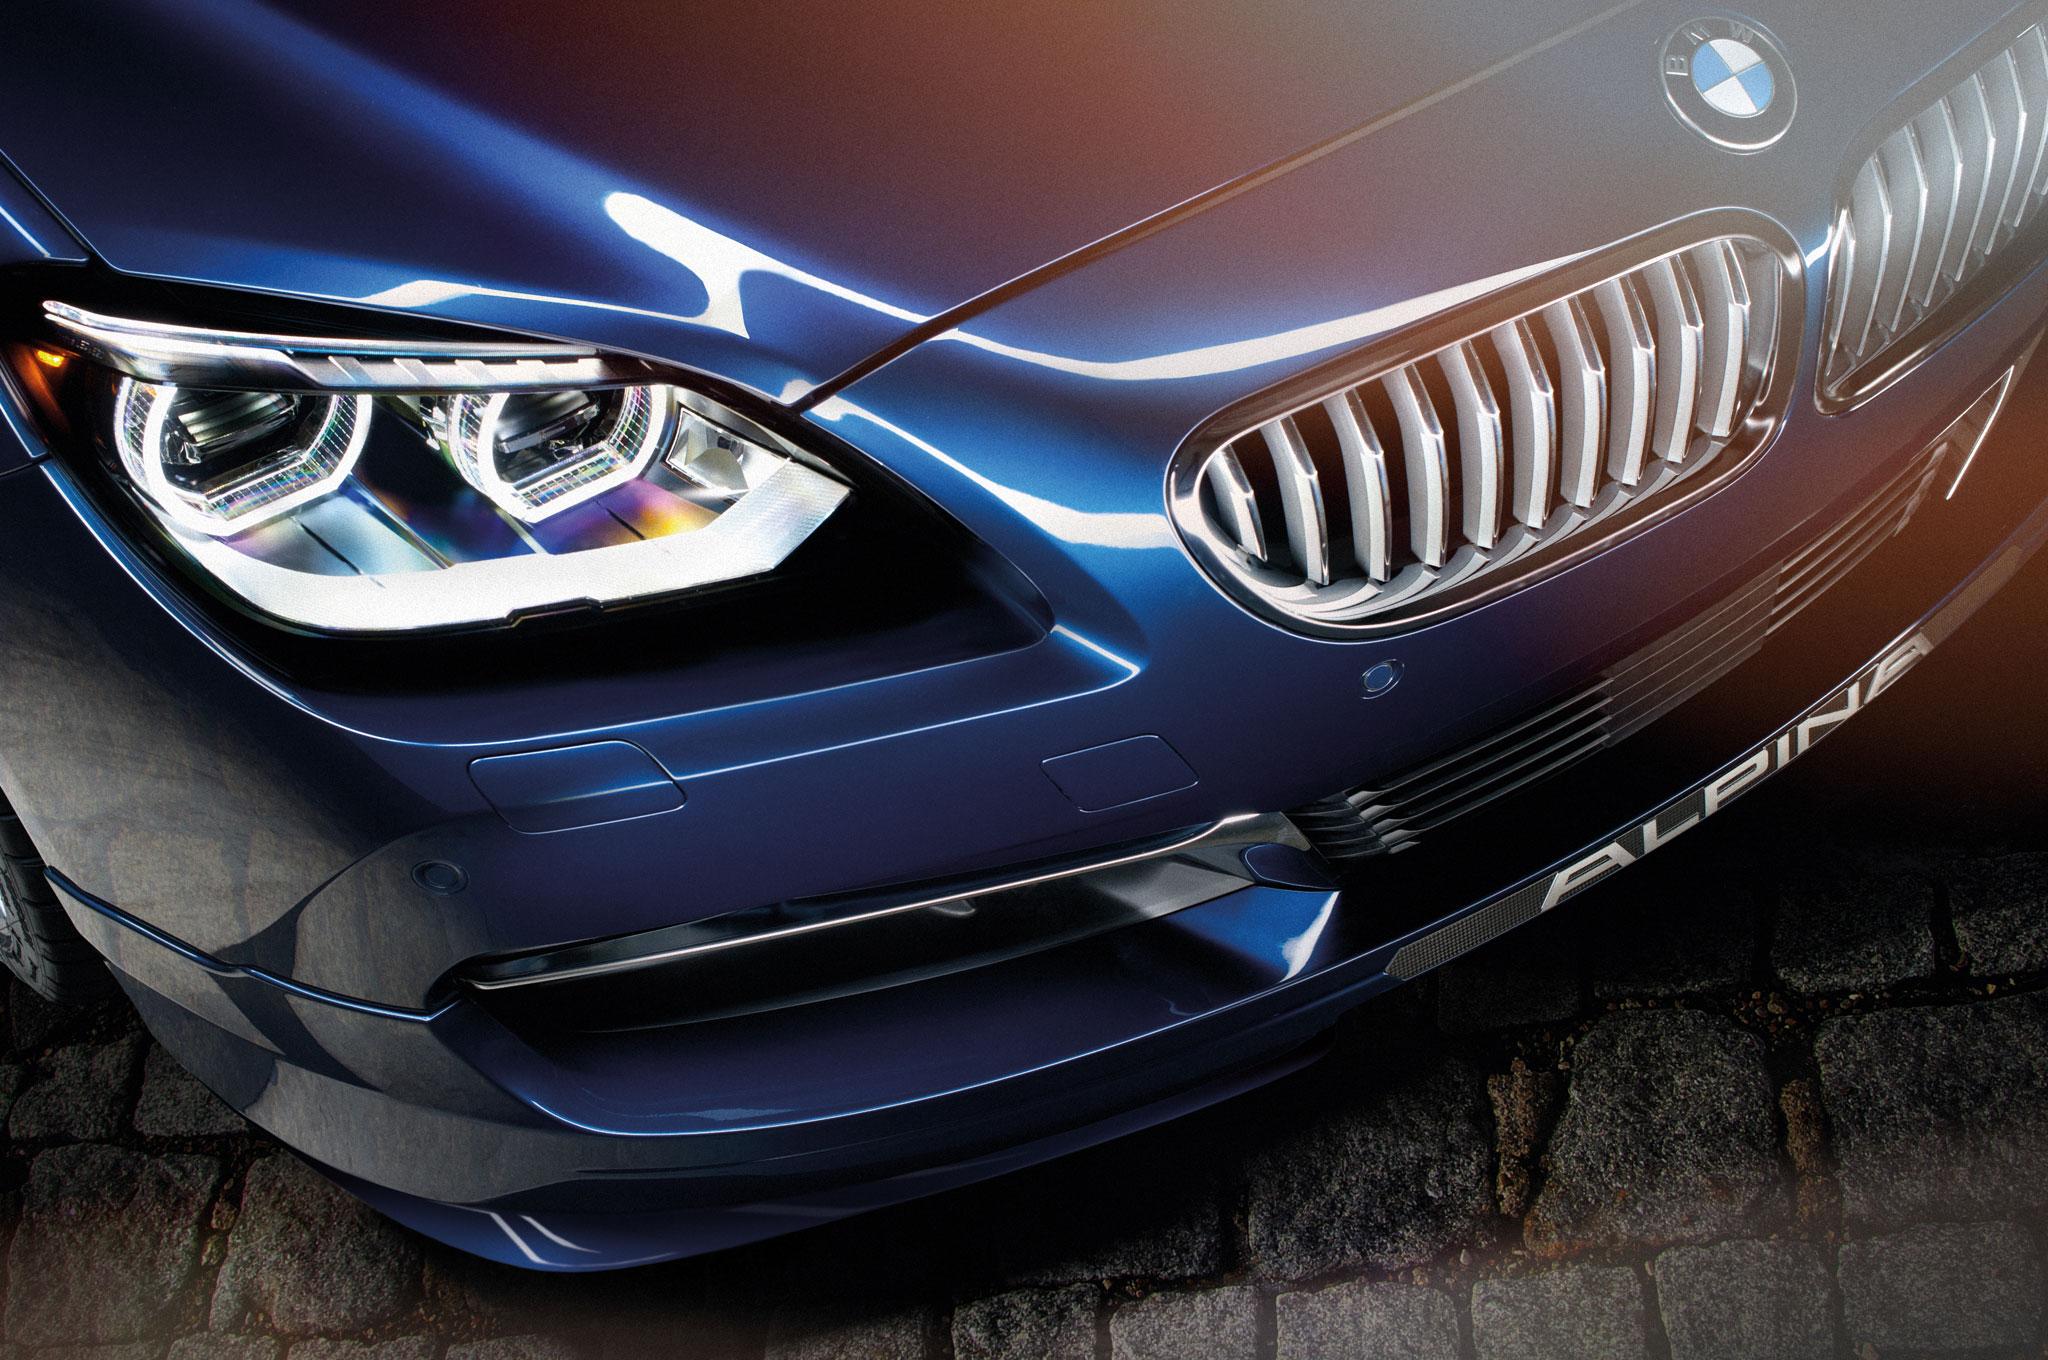 2016-BMW-Alpina-B6-xDrive-Gran-Coupe-headlight